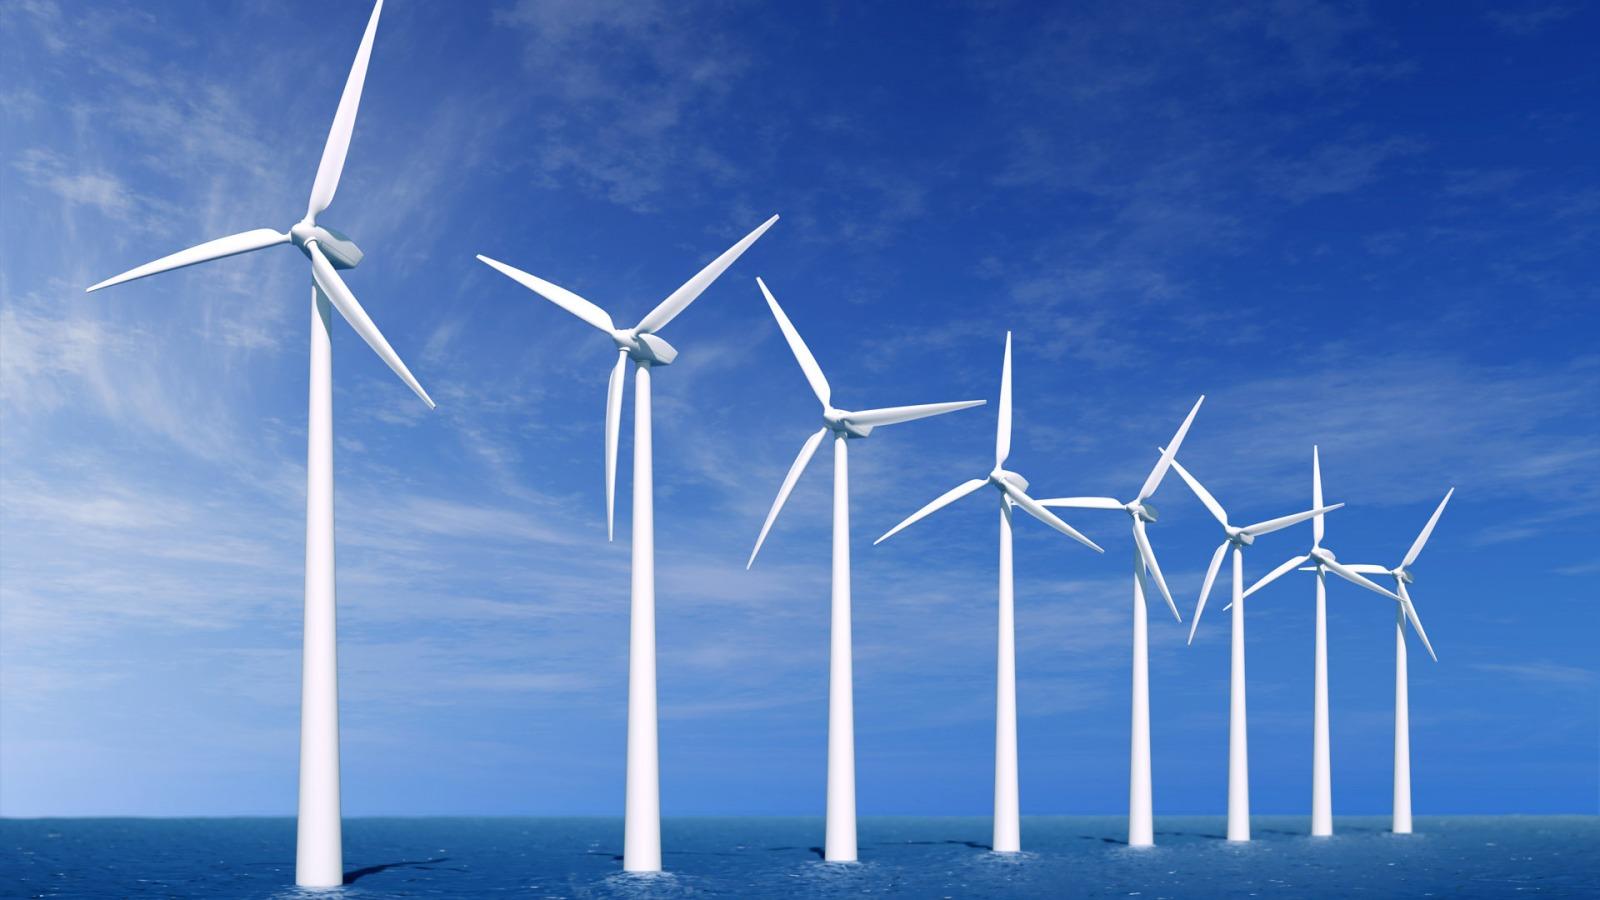 Leilões de energia contrataram quase 4 GW e movimentaram R$ 13,3 bi em 2015